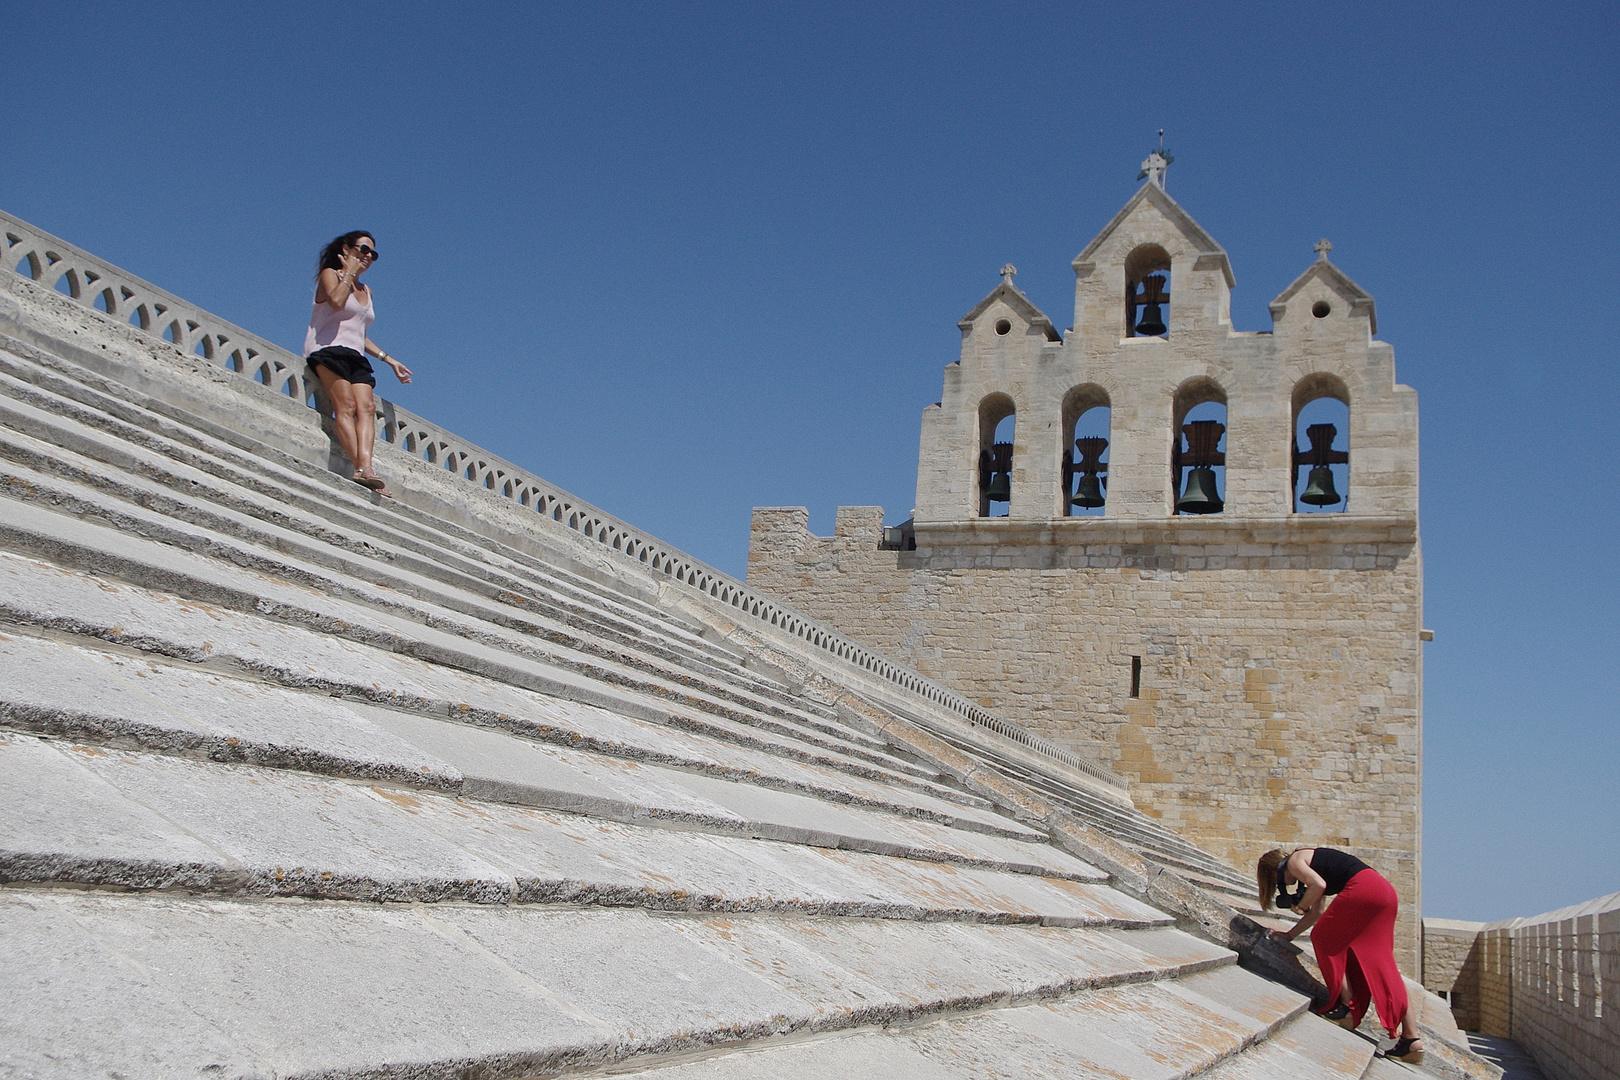 Sur le toit de l'église, Les Stes Maries de la Mer